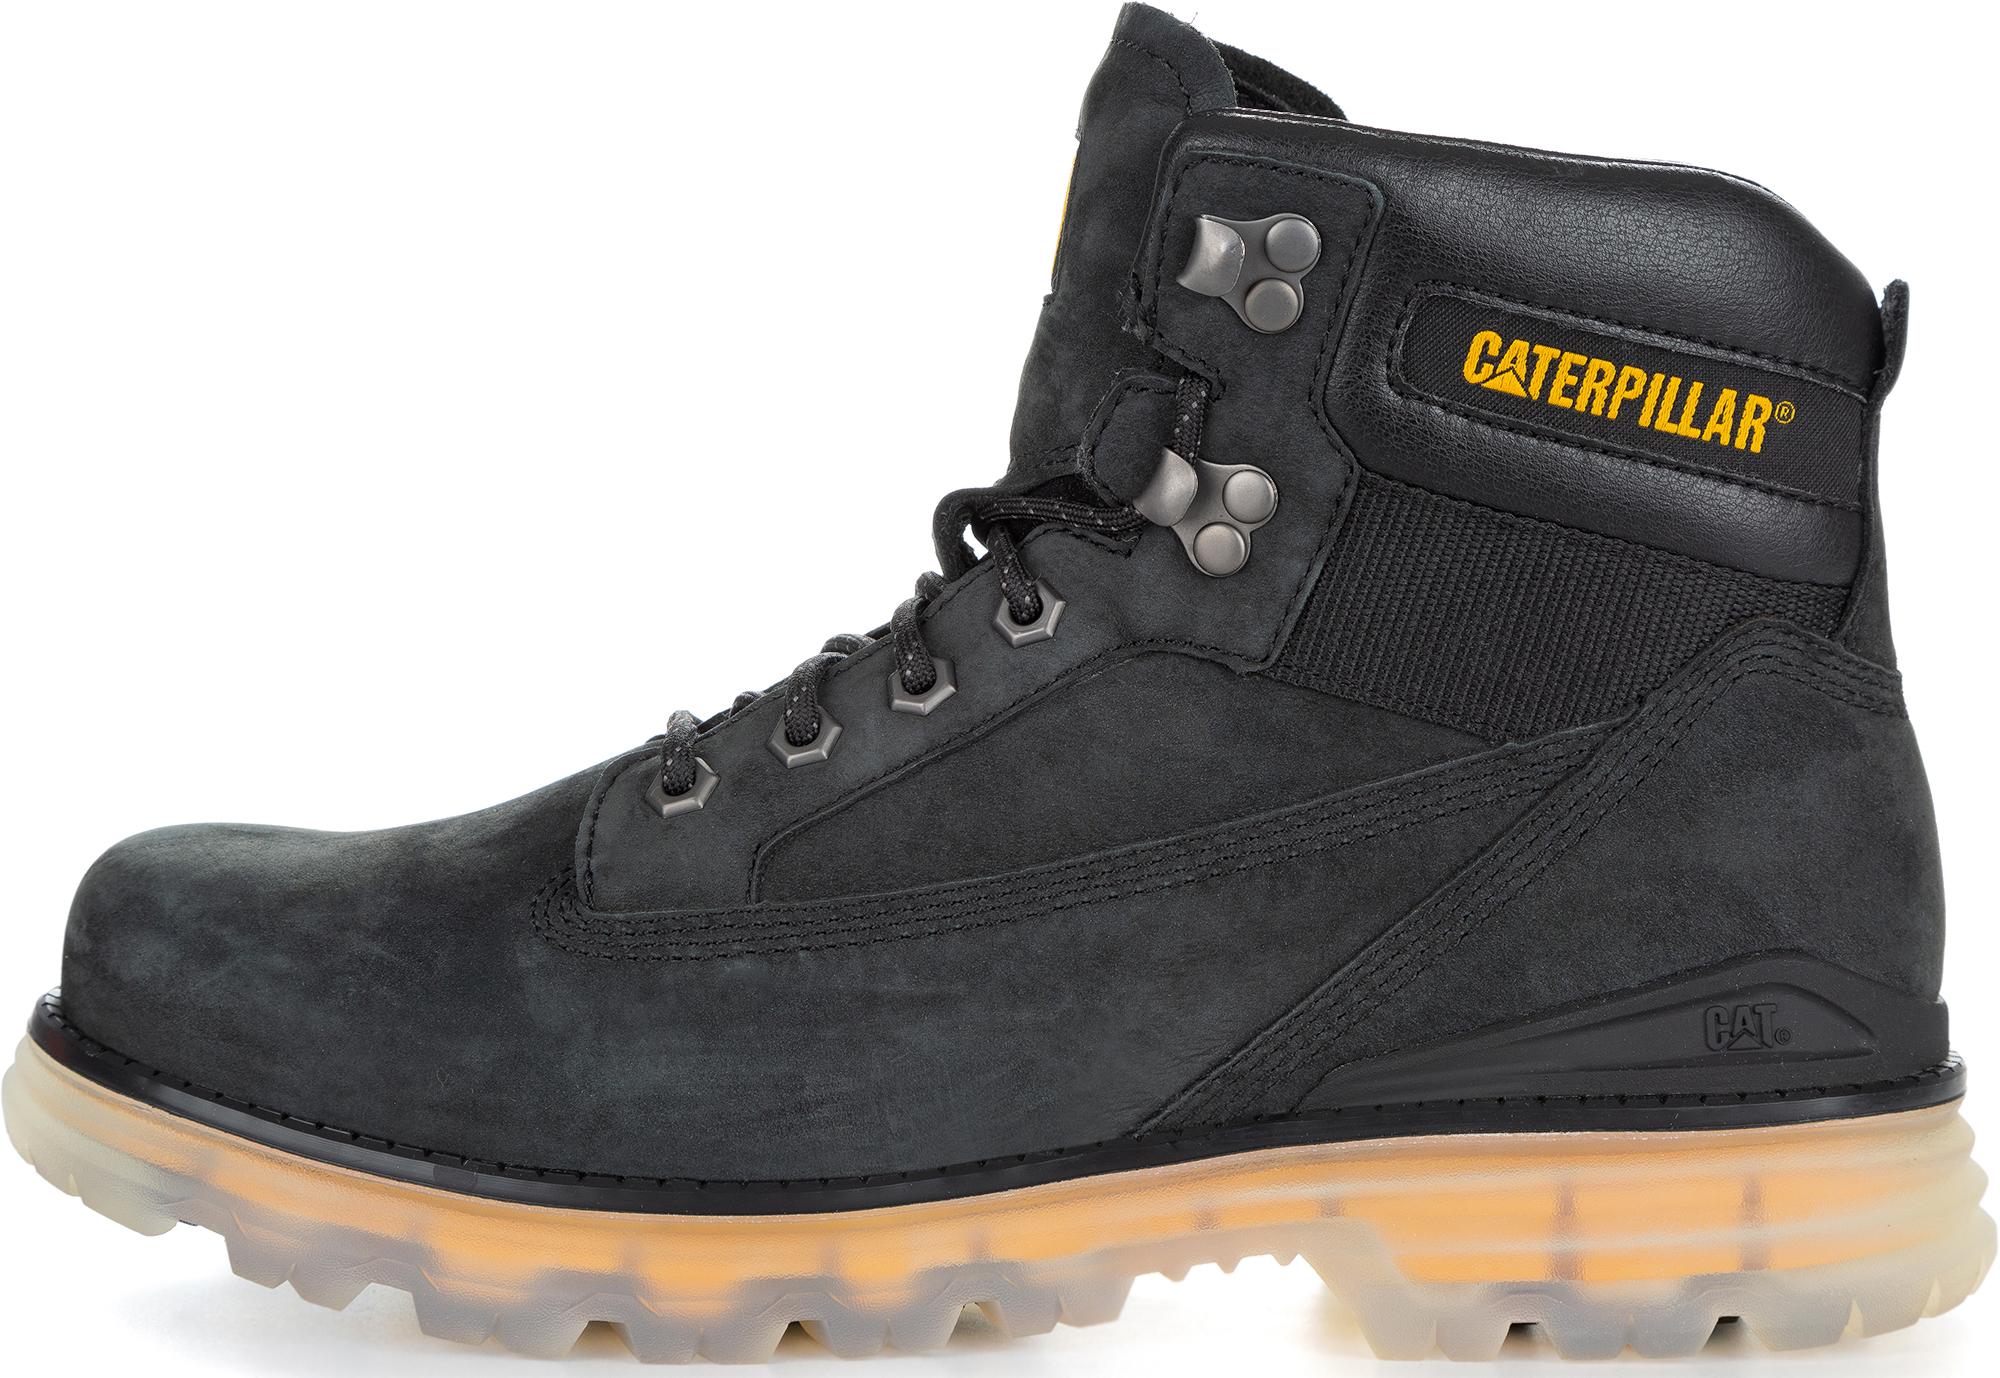 где купить Caterpillar Ботинки мужские Caterpillar Baseplate, размер 44 по лучшей цене